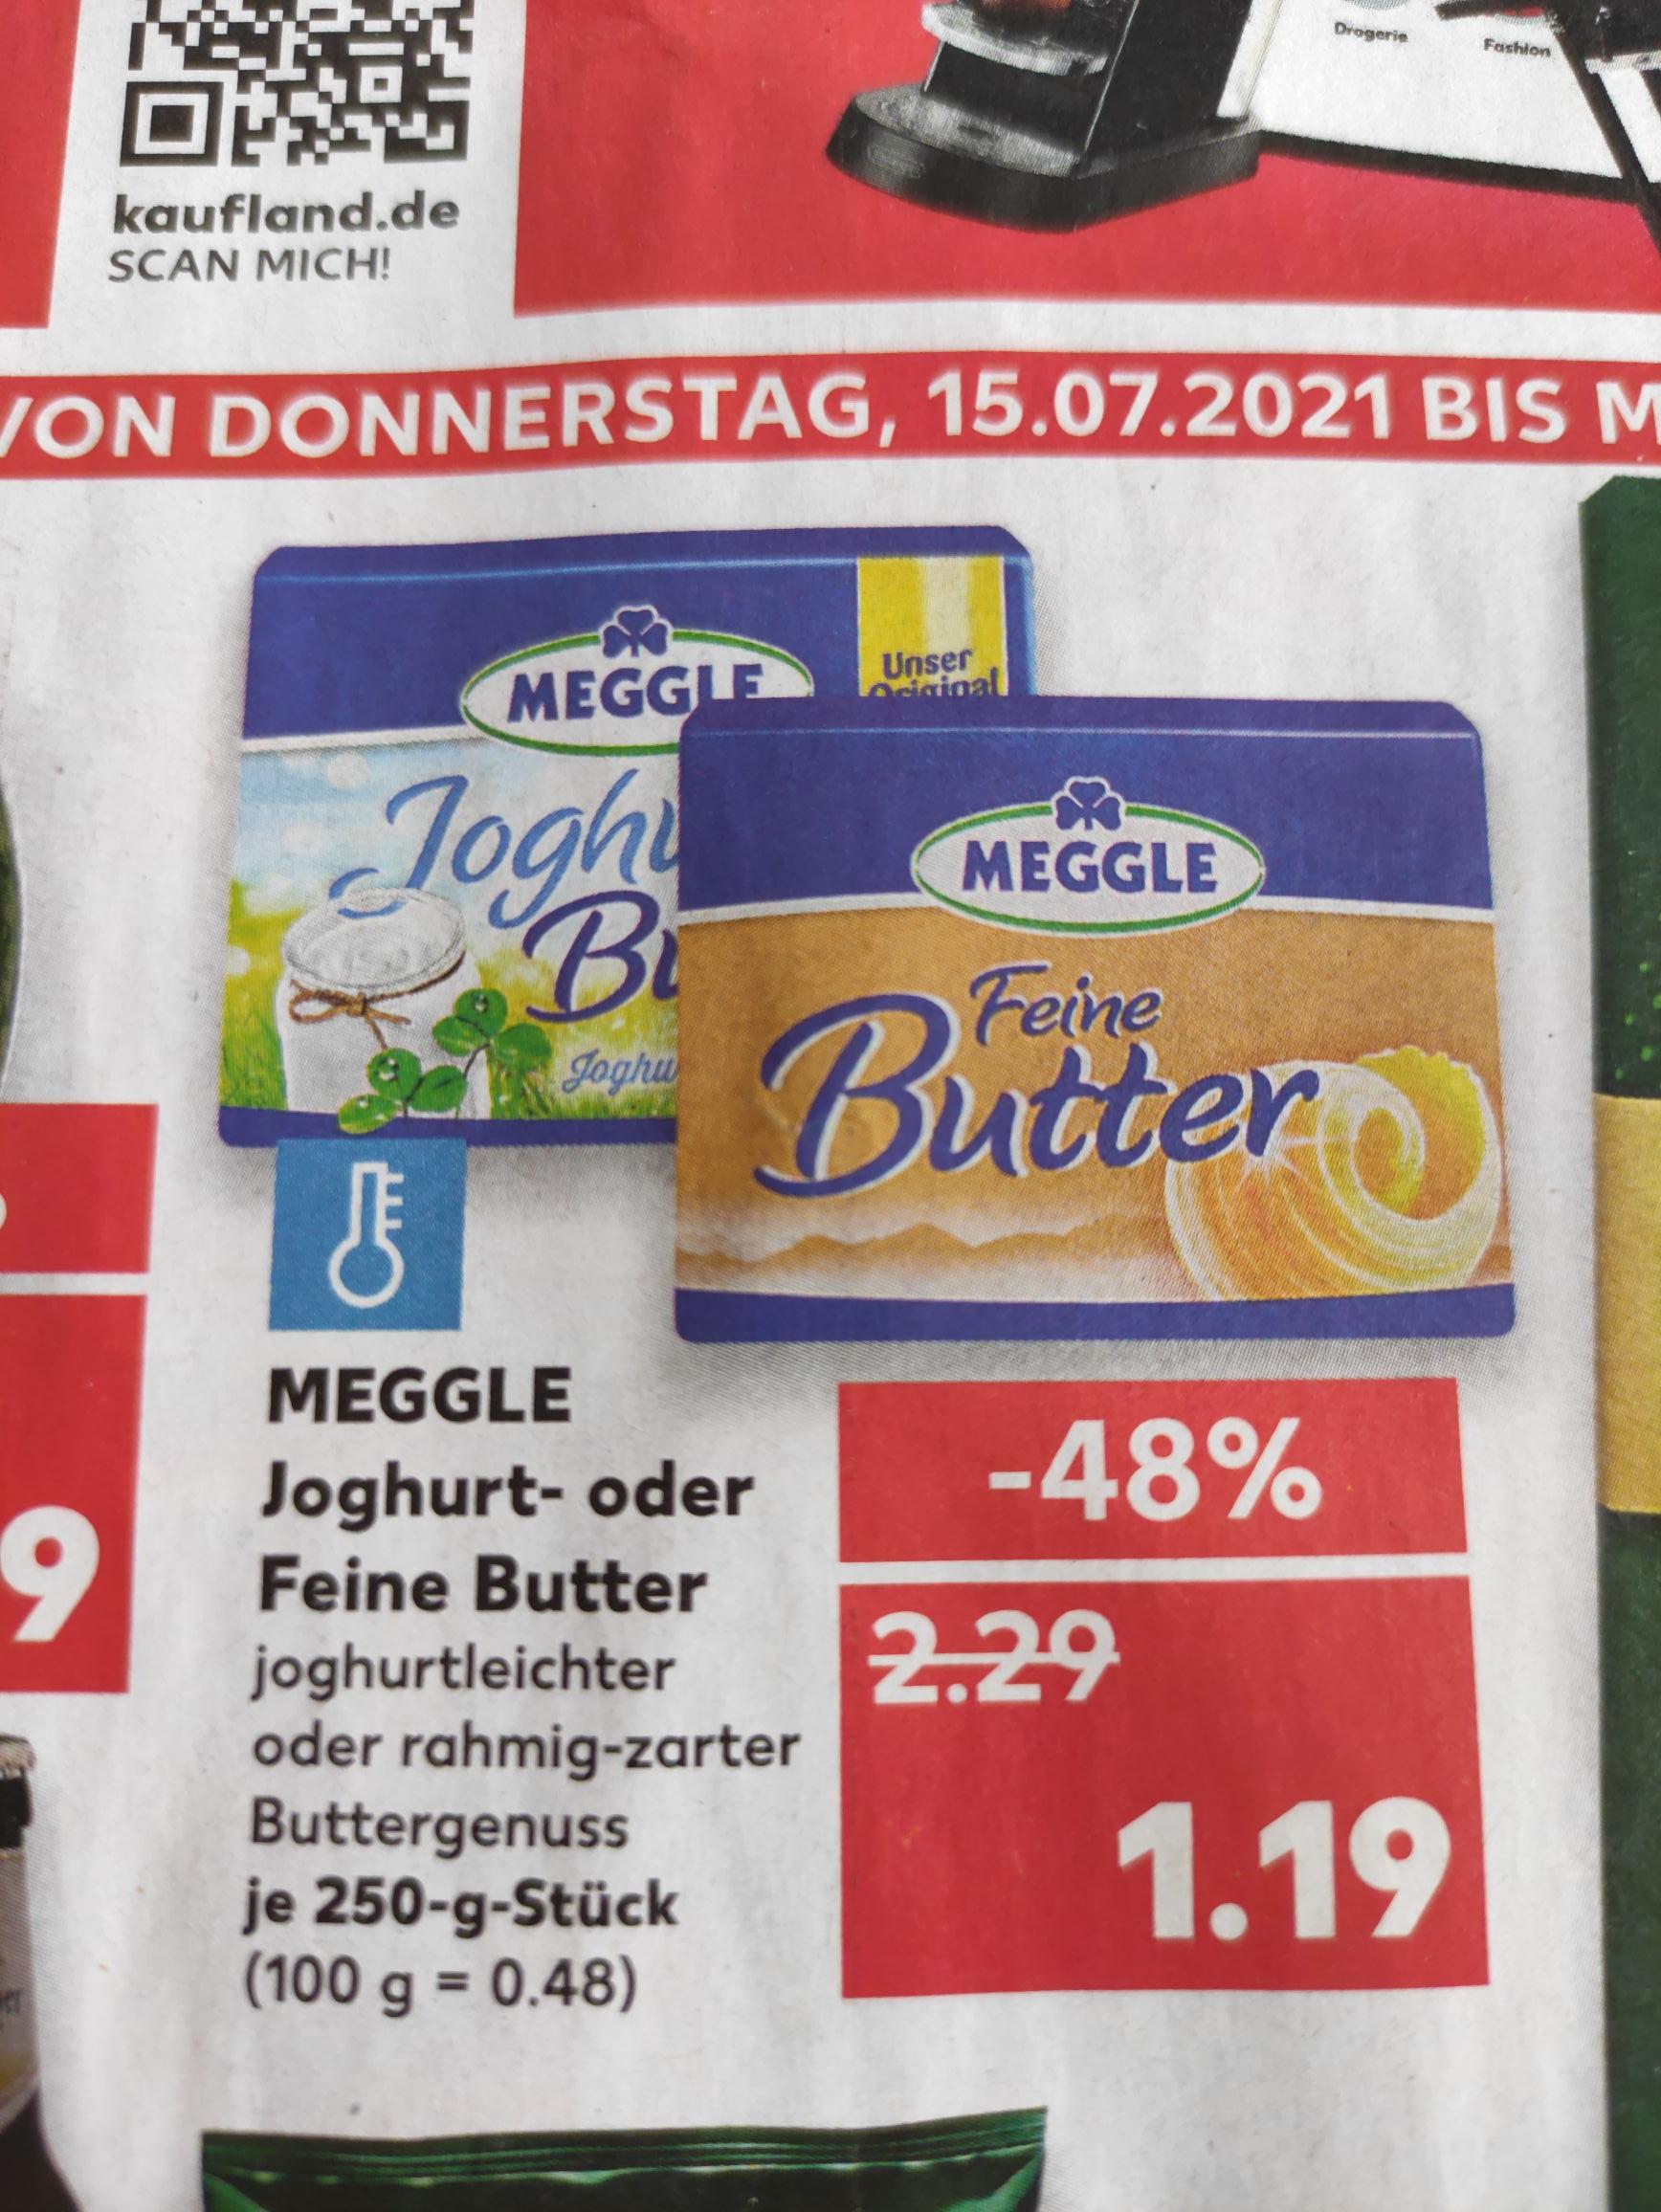 Meggle Joghurt- oder Feine Butter je 250 Gramm Block [Kaufland offline bundesweit?]